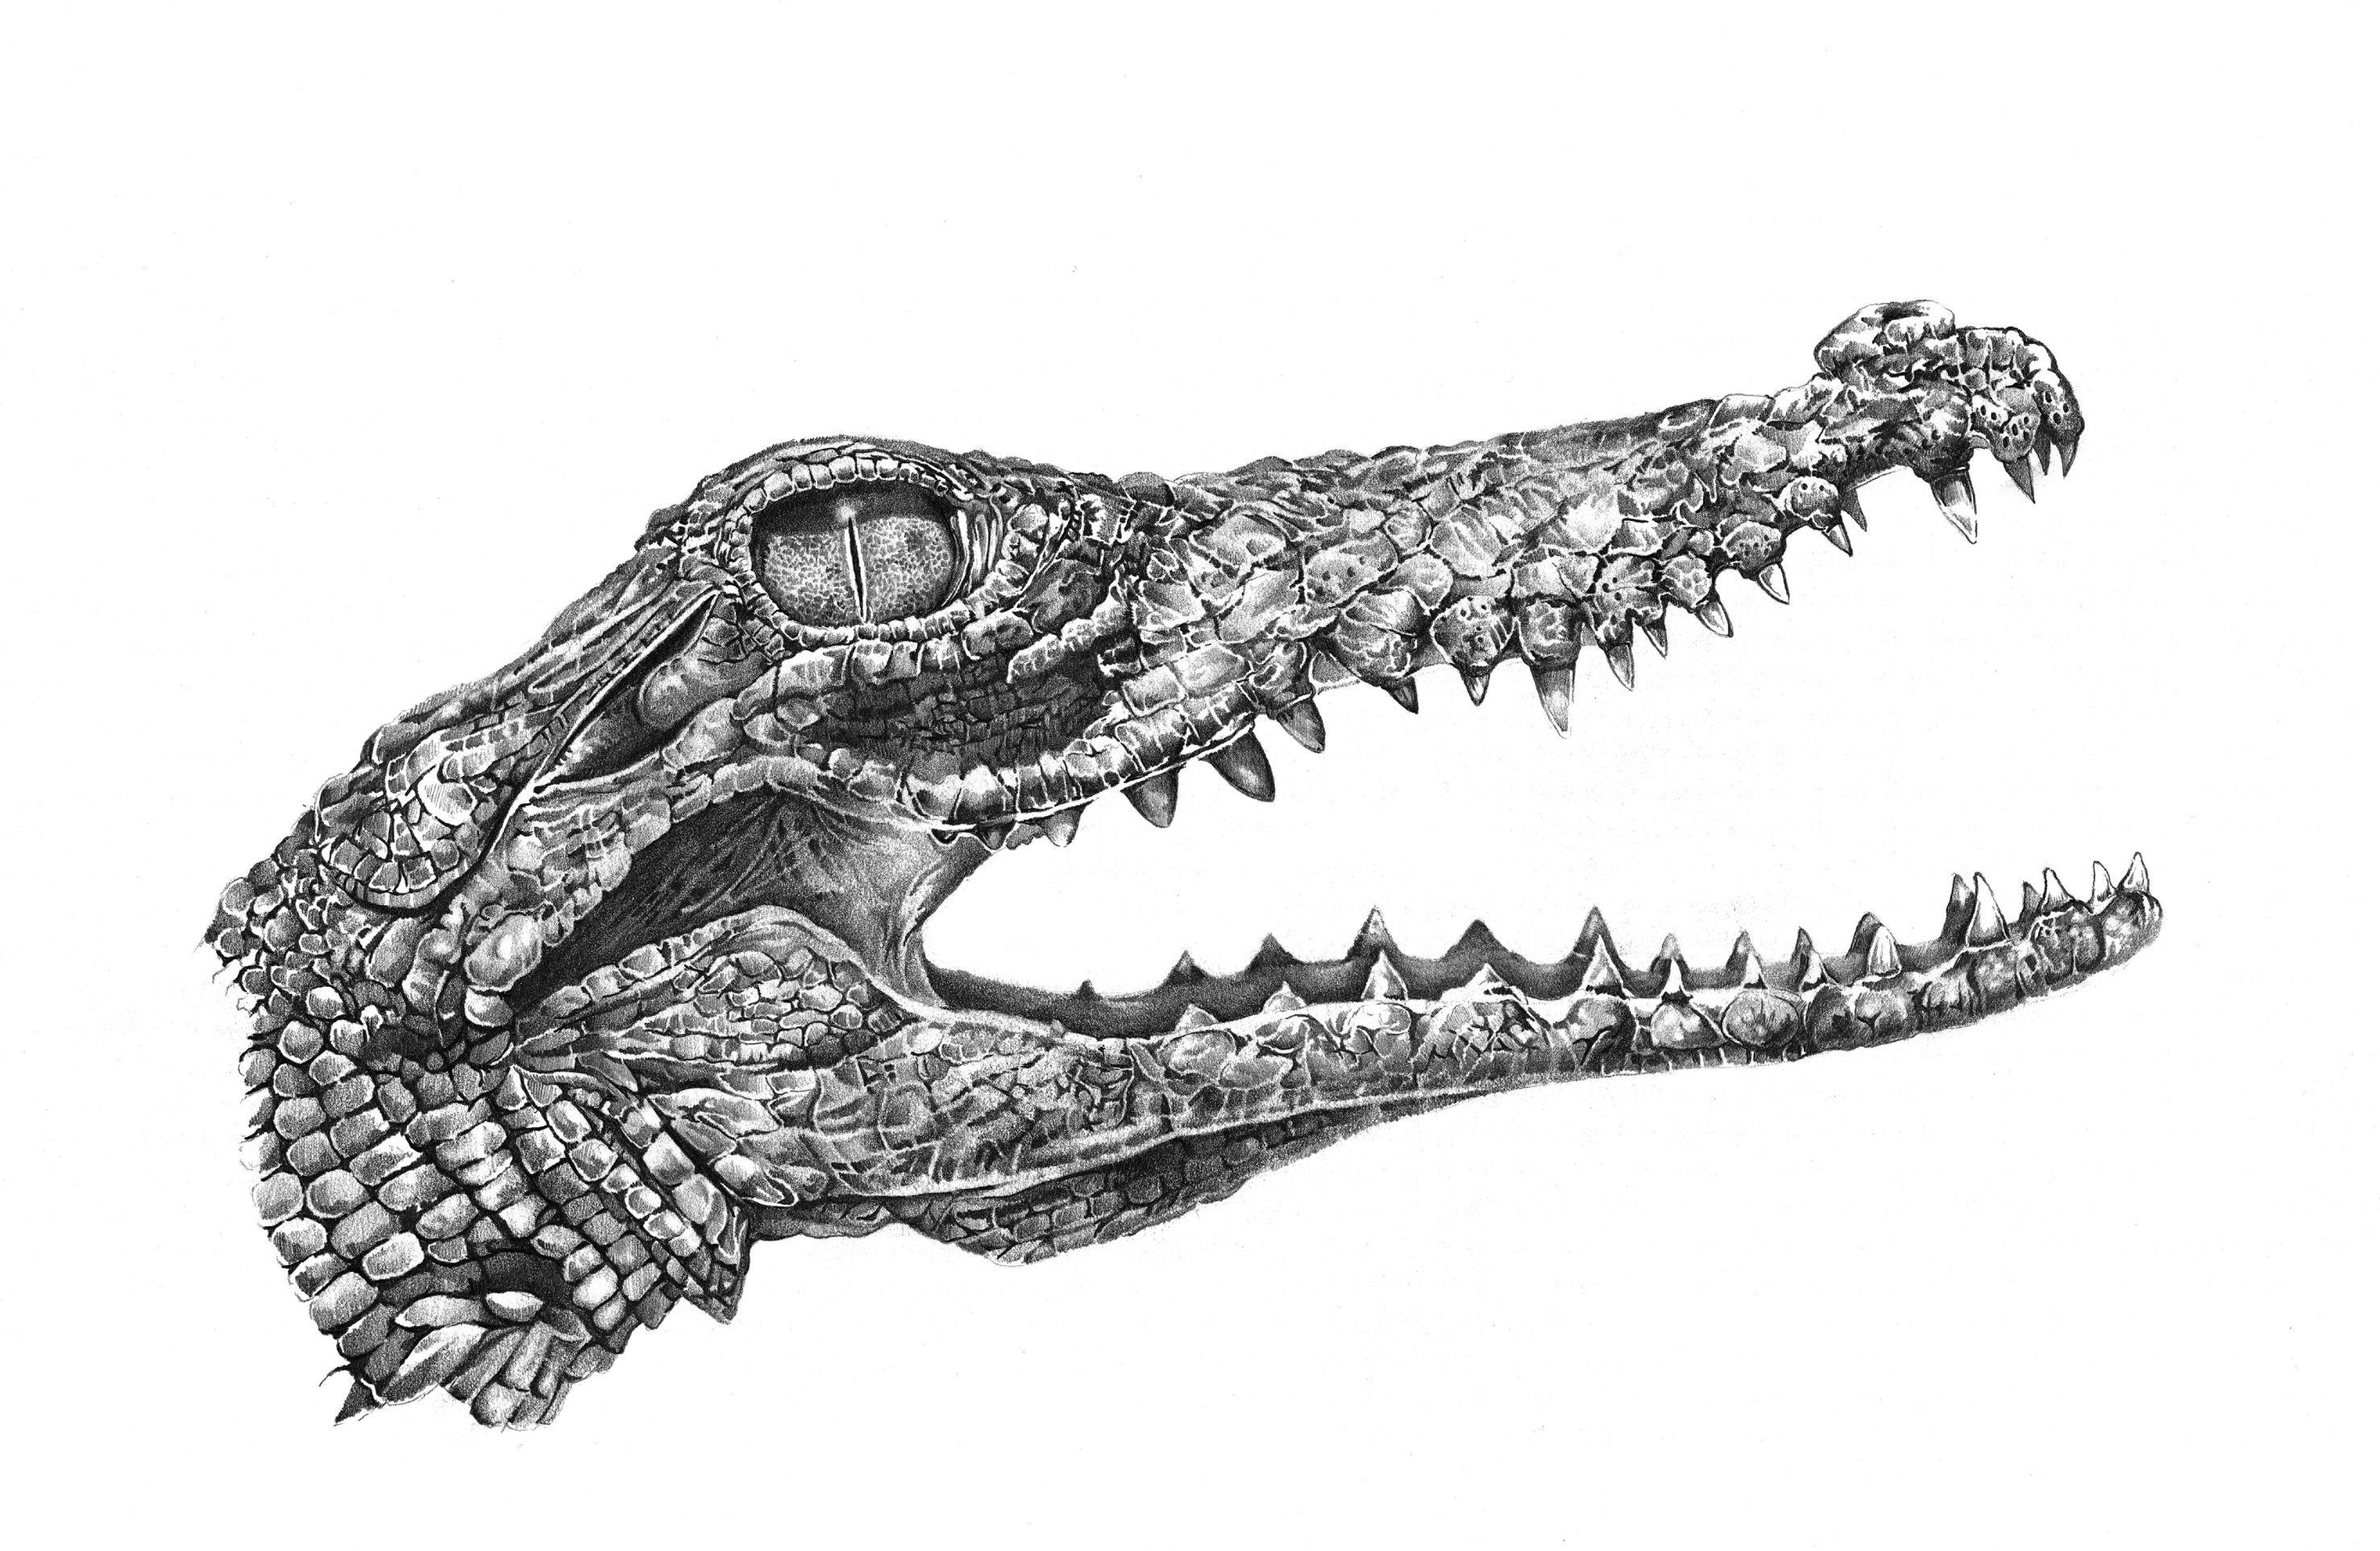 когда крокодил картинка карандашом порыв информации, нашел